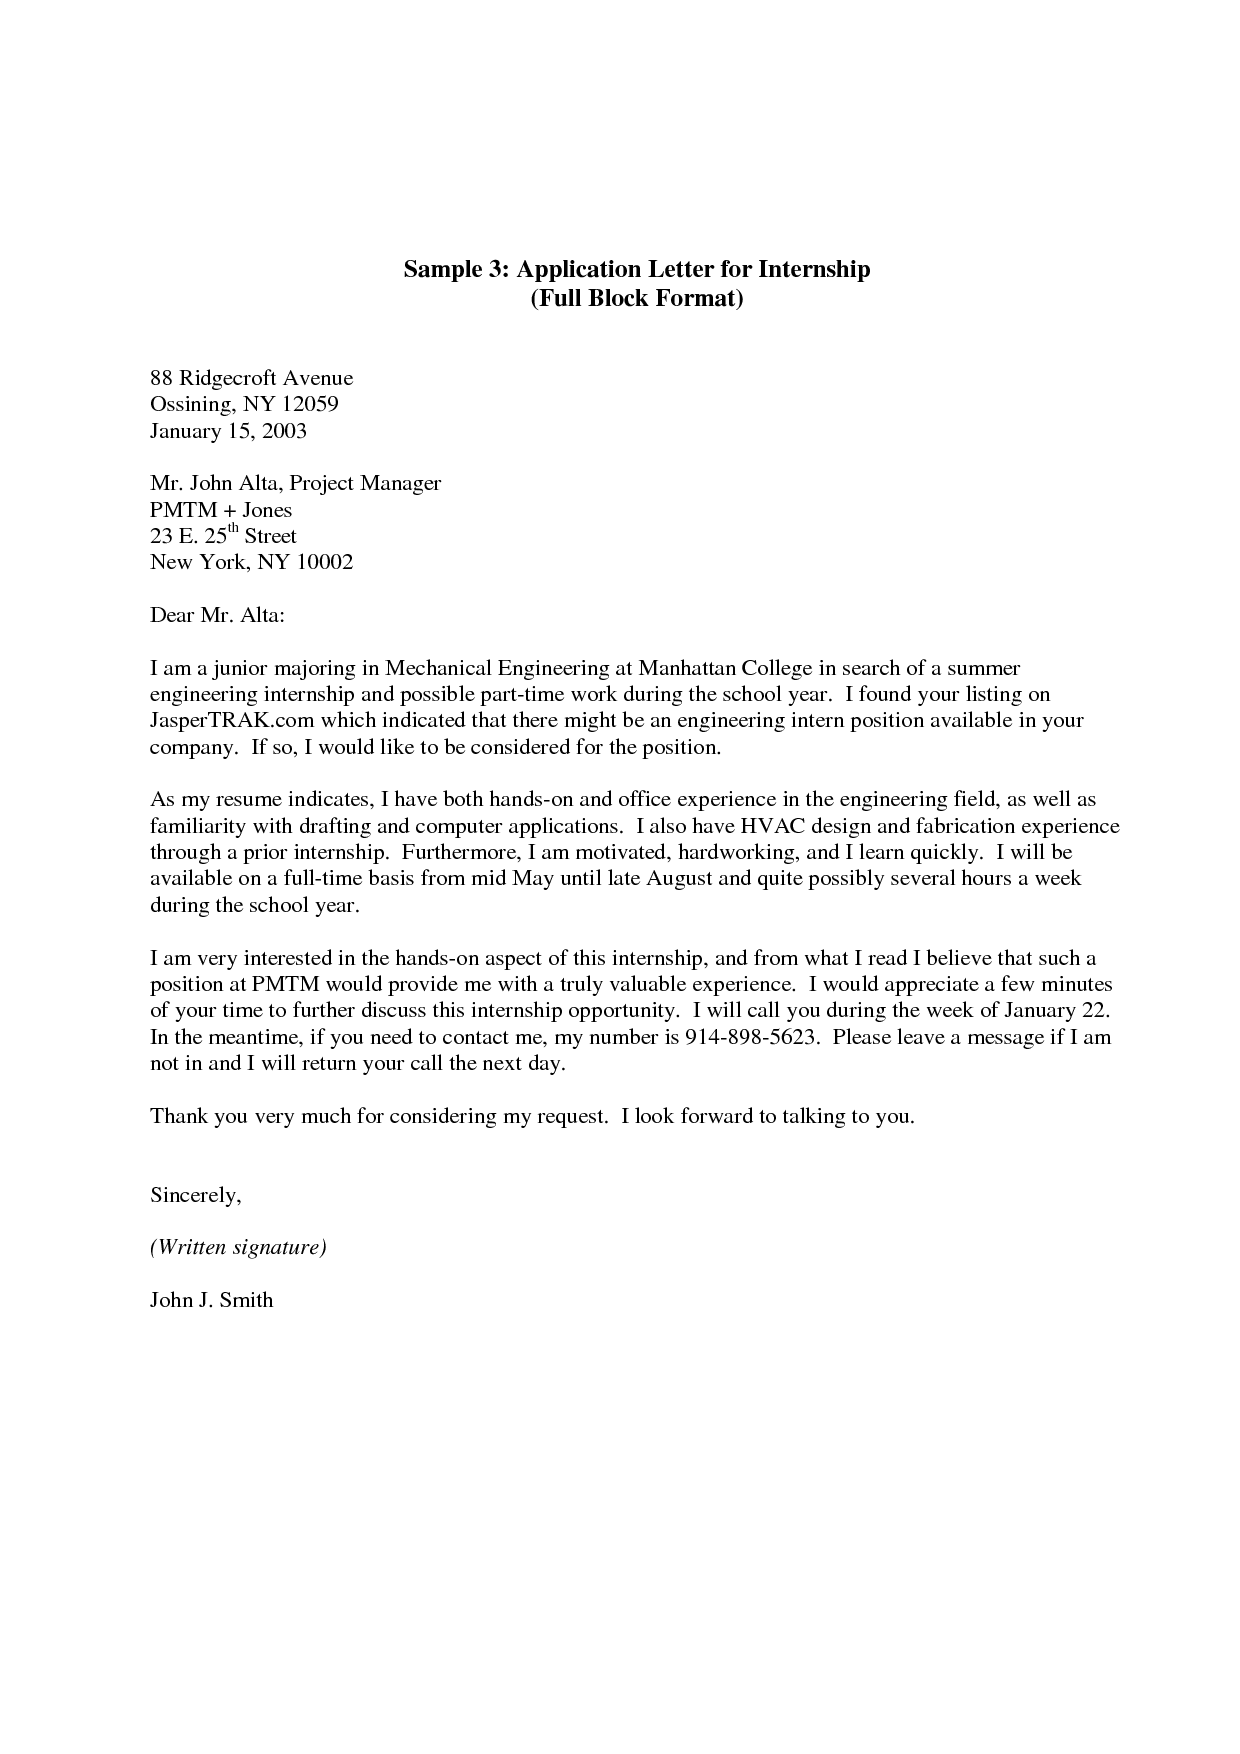 cover letter sample for internship